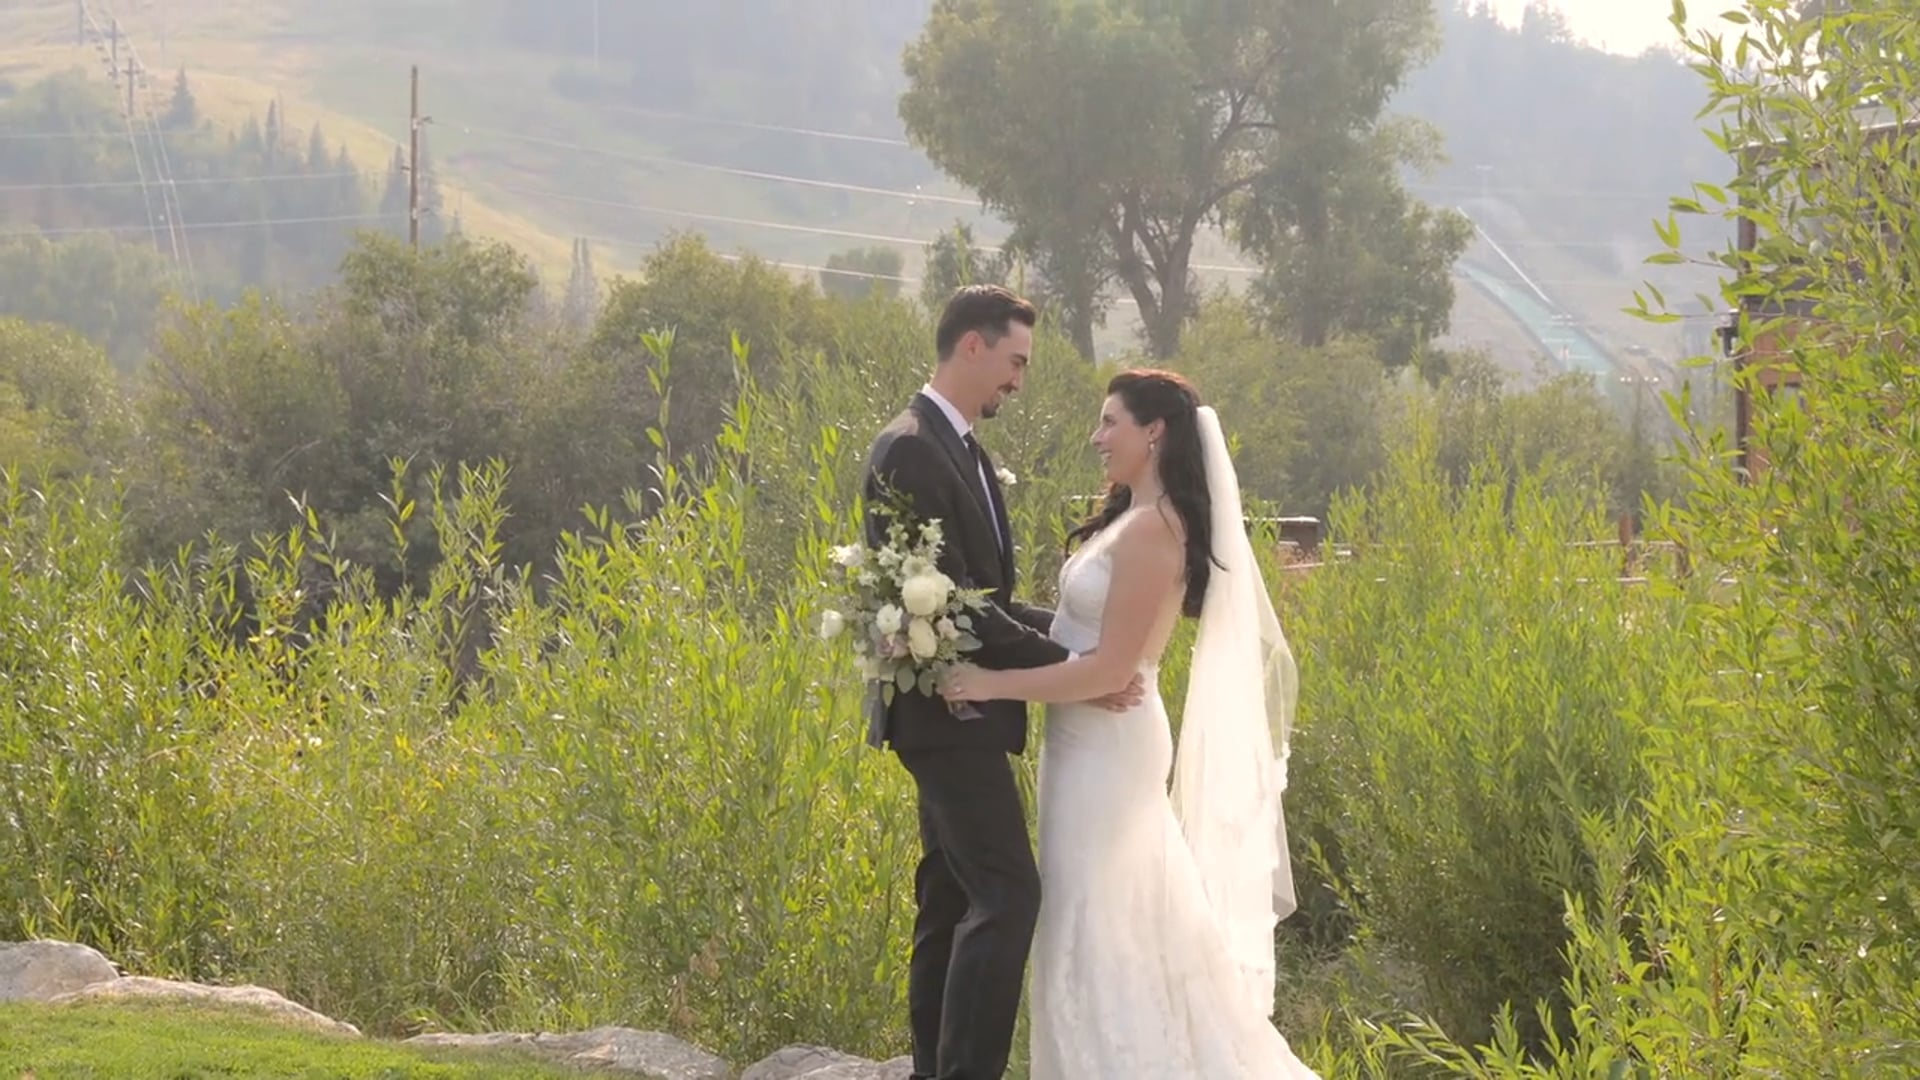 Kaitlin & Kyle